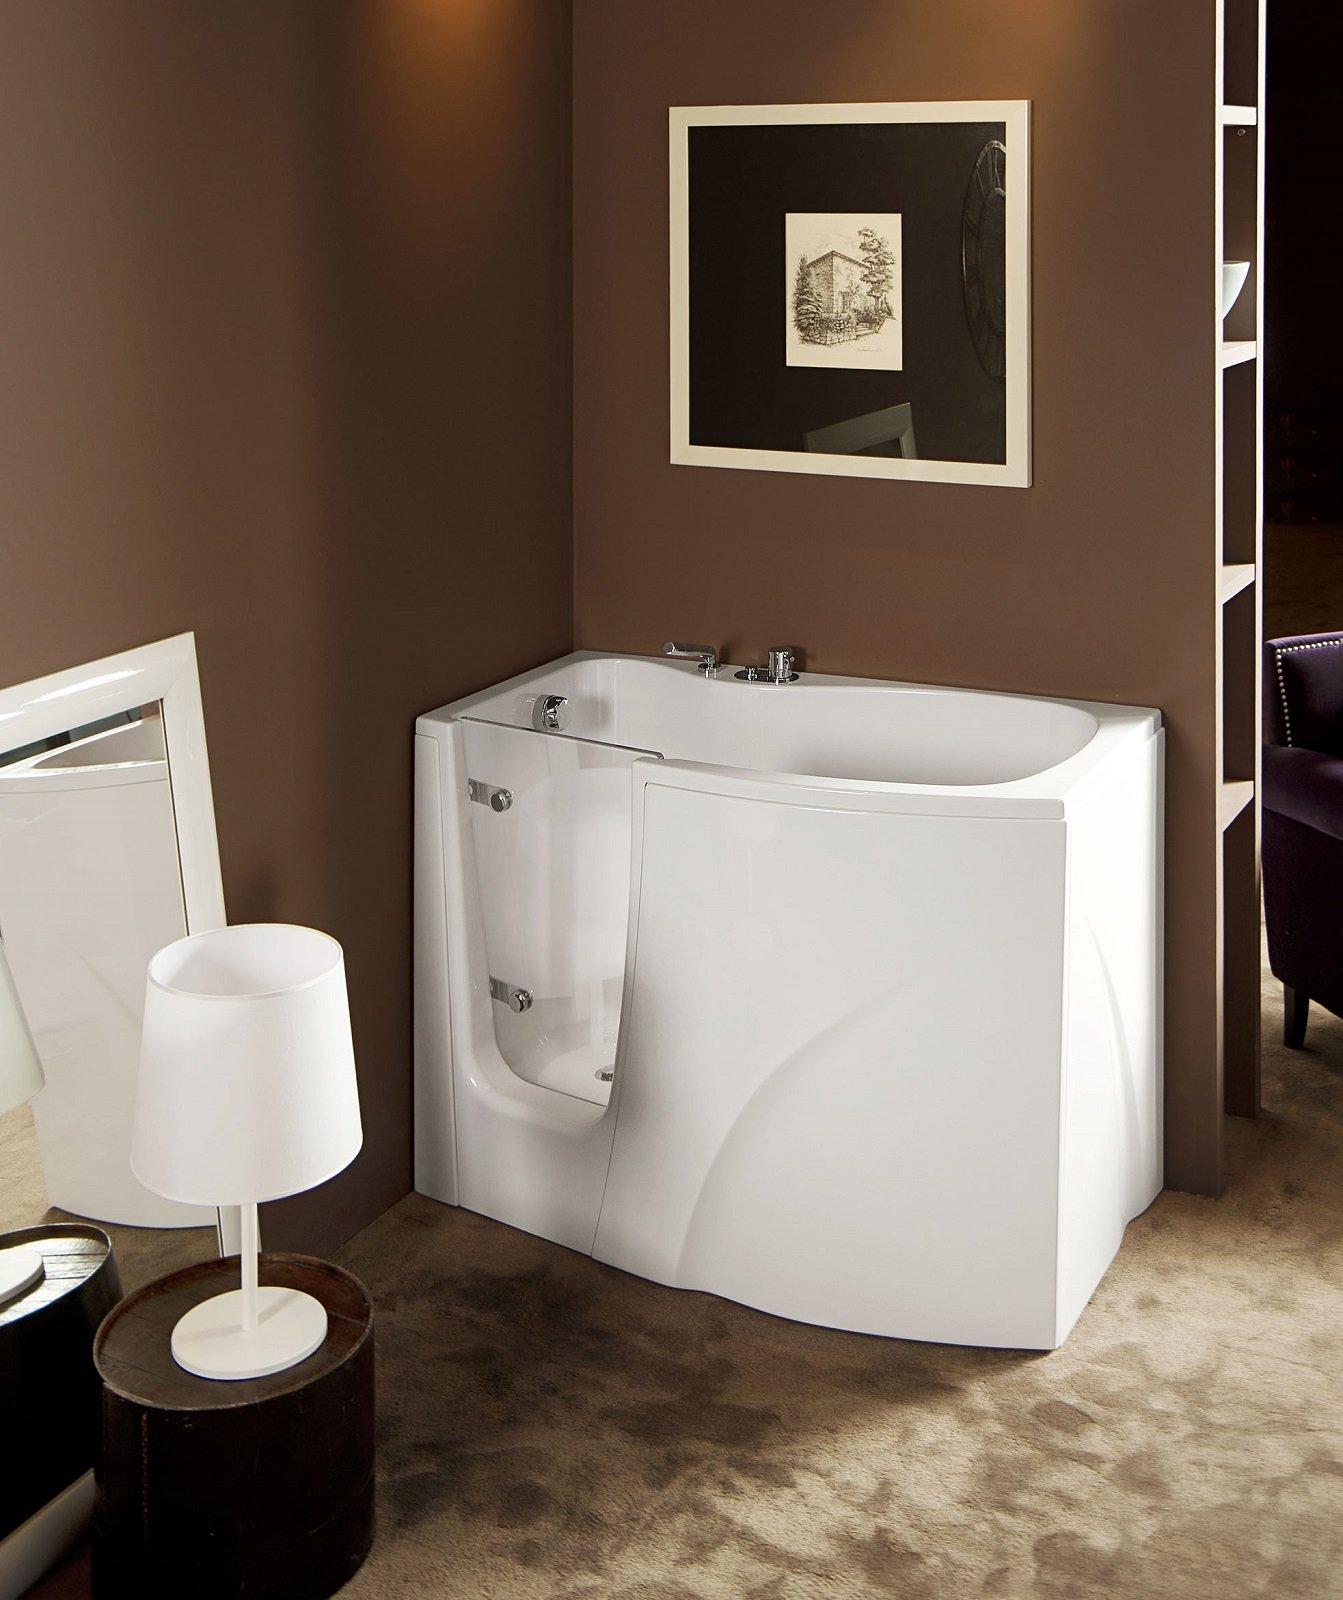 Vasche piccole dalle dimensioni compatte e svariate misure - Misure vasche da bagno piccole ...